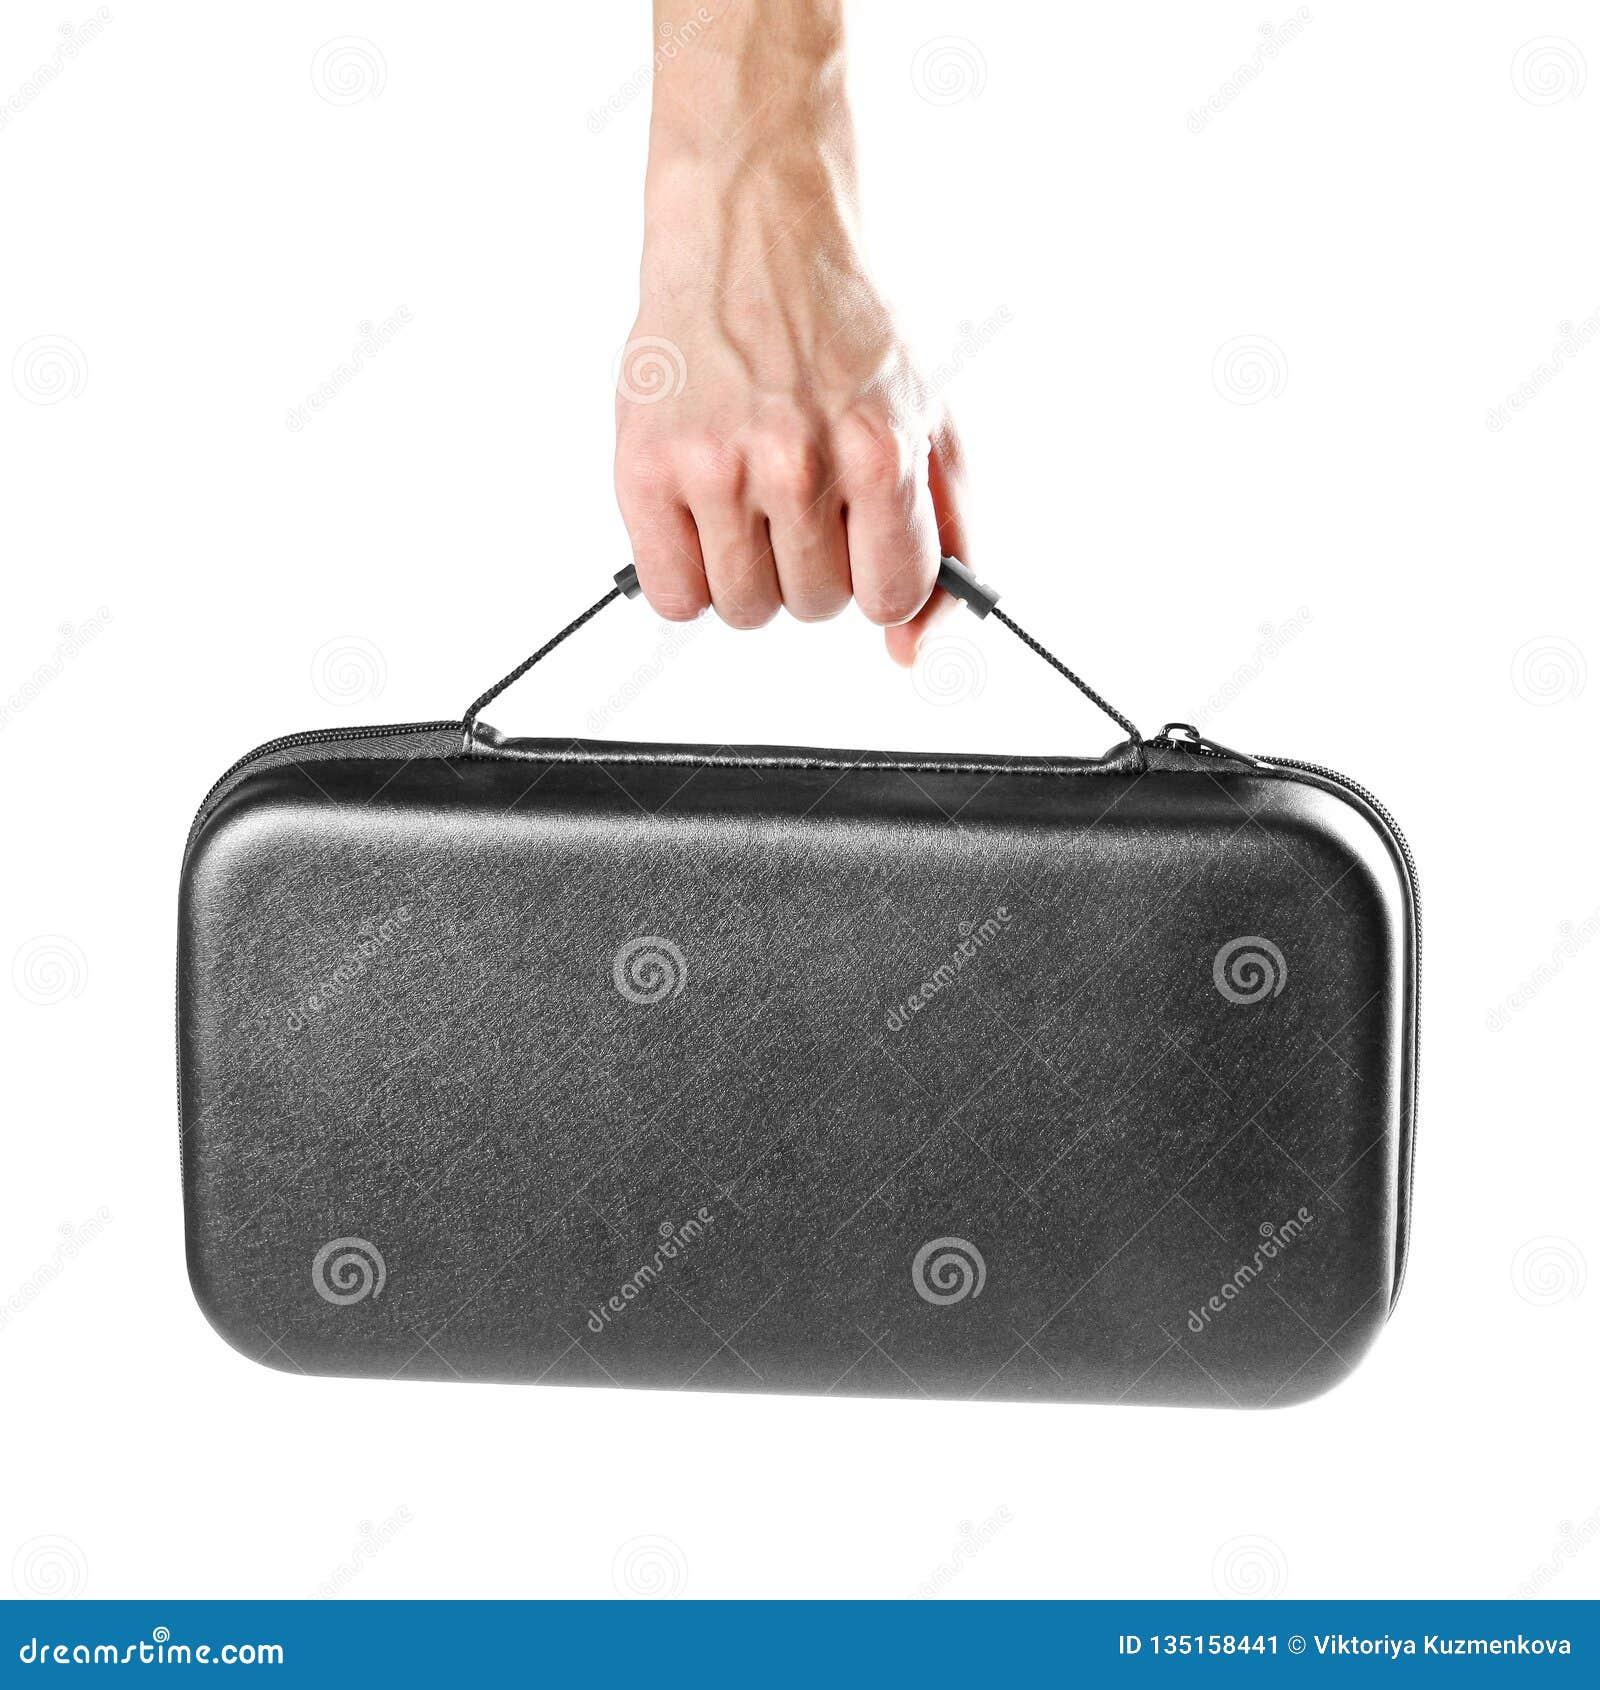 一个人的手拿着一个黑塑料手提箱 关闭 背景查出的白色